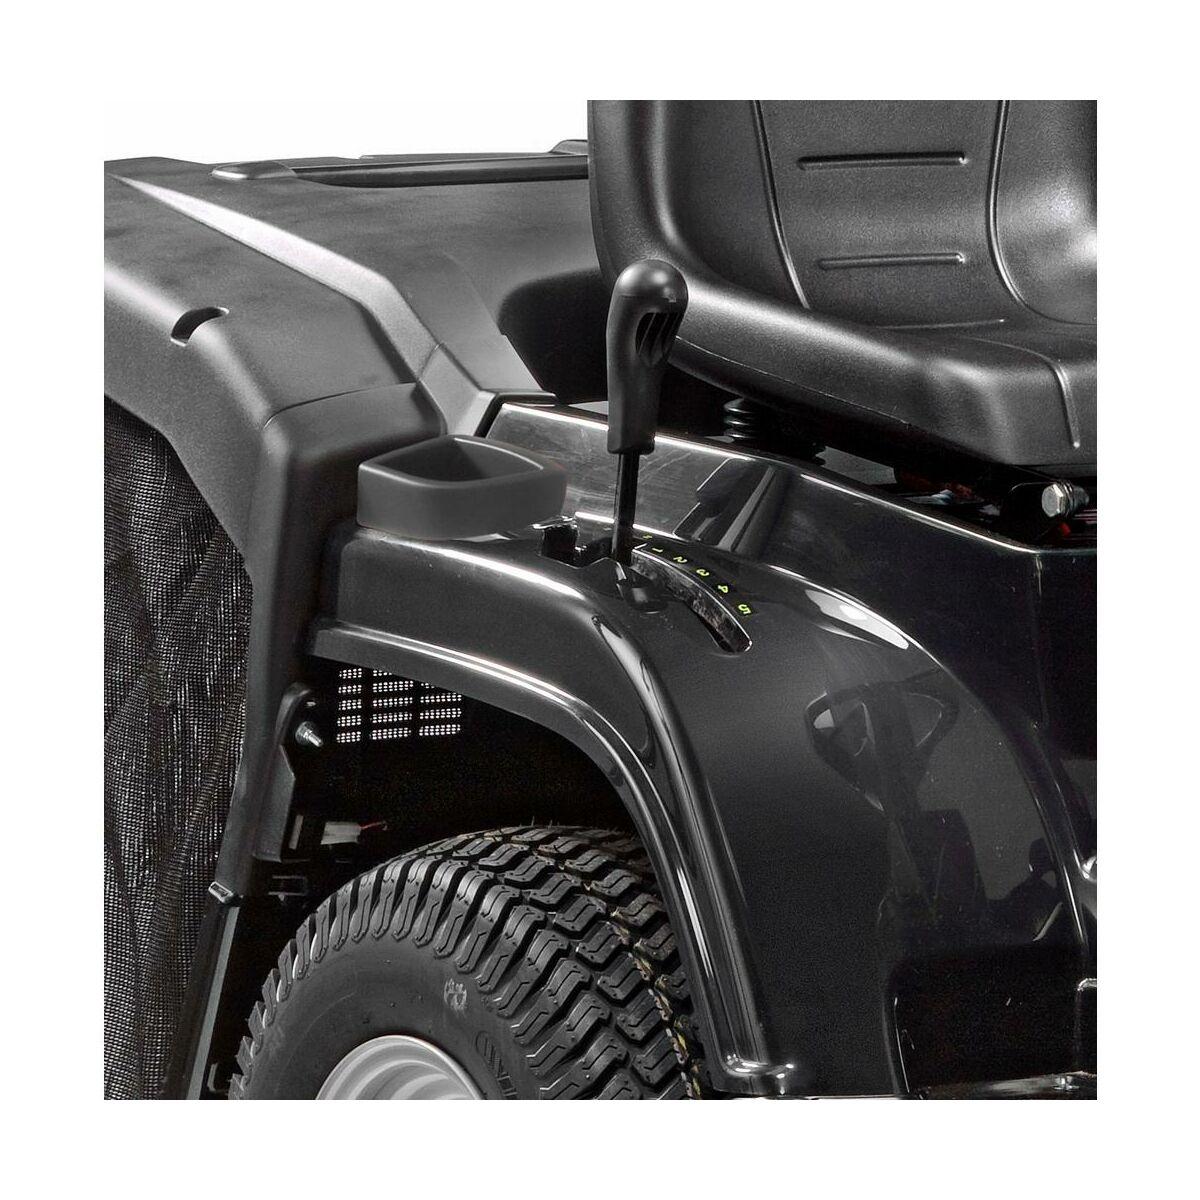 traktorek ogrodowy bt 84 b alpina traktorki ogrodowe w atrakcyjnej cenie w sklepach leroy. Black Bedroom Furniture Sets. Home Design Ideas